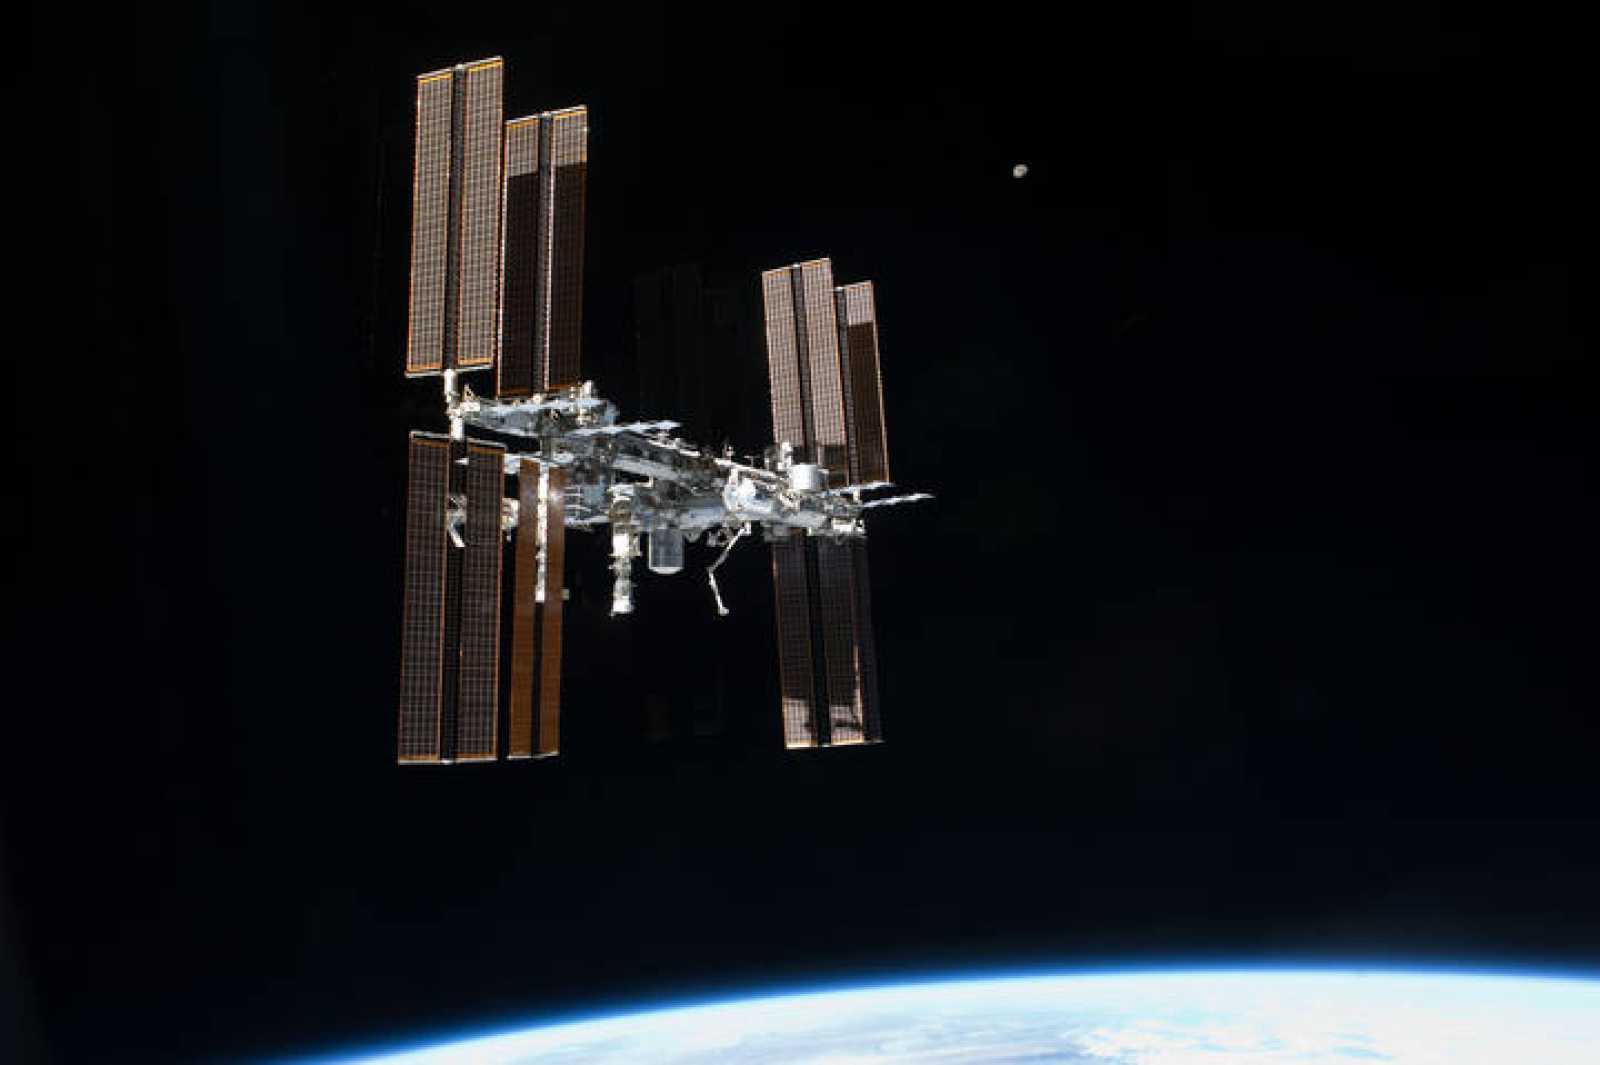 Configuración actual de la Estación Espacial Internacional desde el trasbordador espacial Atlantis.